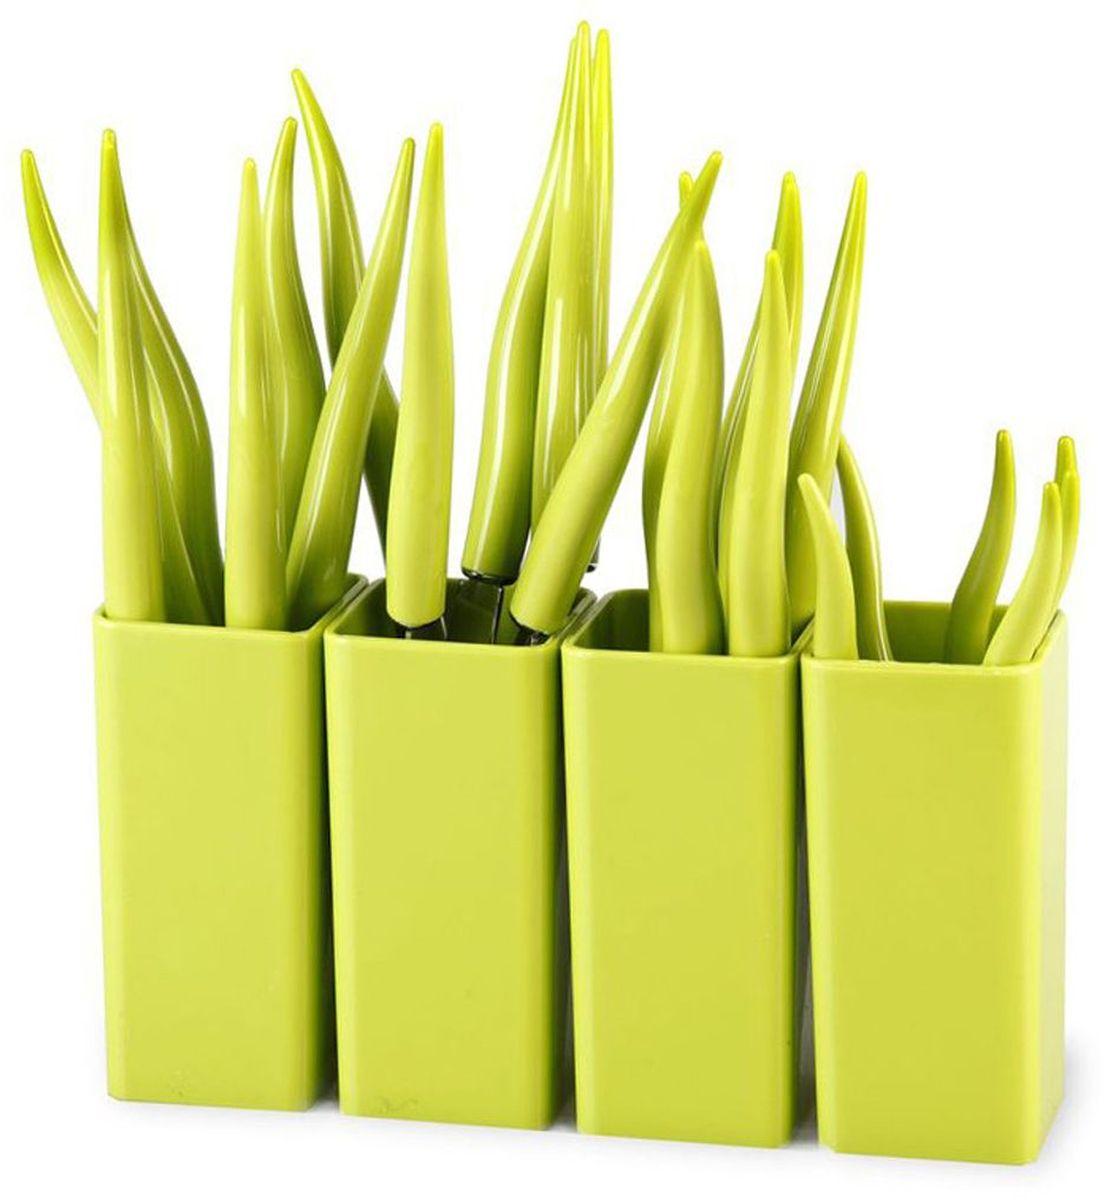 Набор столовых приборов MOULINvilla Chili, цвет: зеленый, 24 предметаTUL-24GНабор MOULINvilla Chili состоит из 6 вилок, 6 ножей, 6 столовых ложек, 6 чайных ложек, 4 подставок, выполненных из нержавеющей стали. Рукоятки столовых приборов изготовлены из высокопрочного пластика. Сервировка праздничного стола таким набором станет великолепным украшением любого торжества.